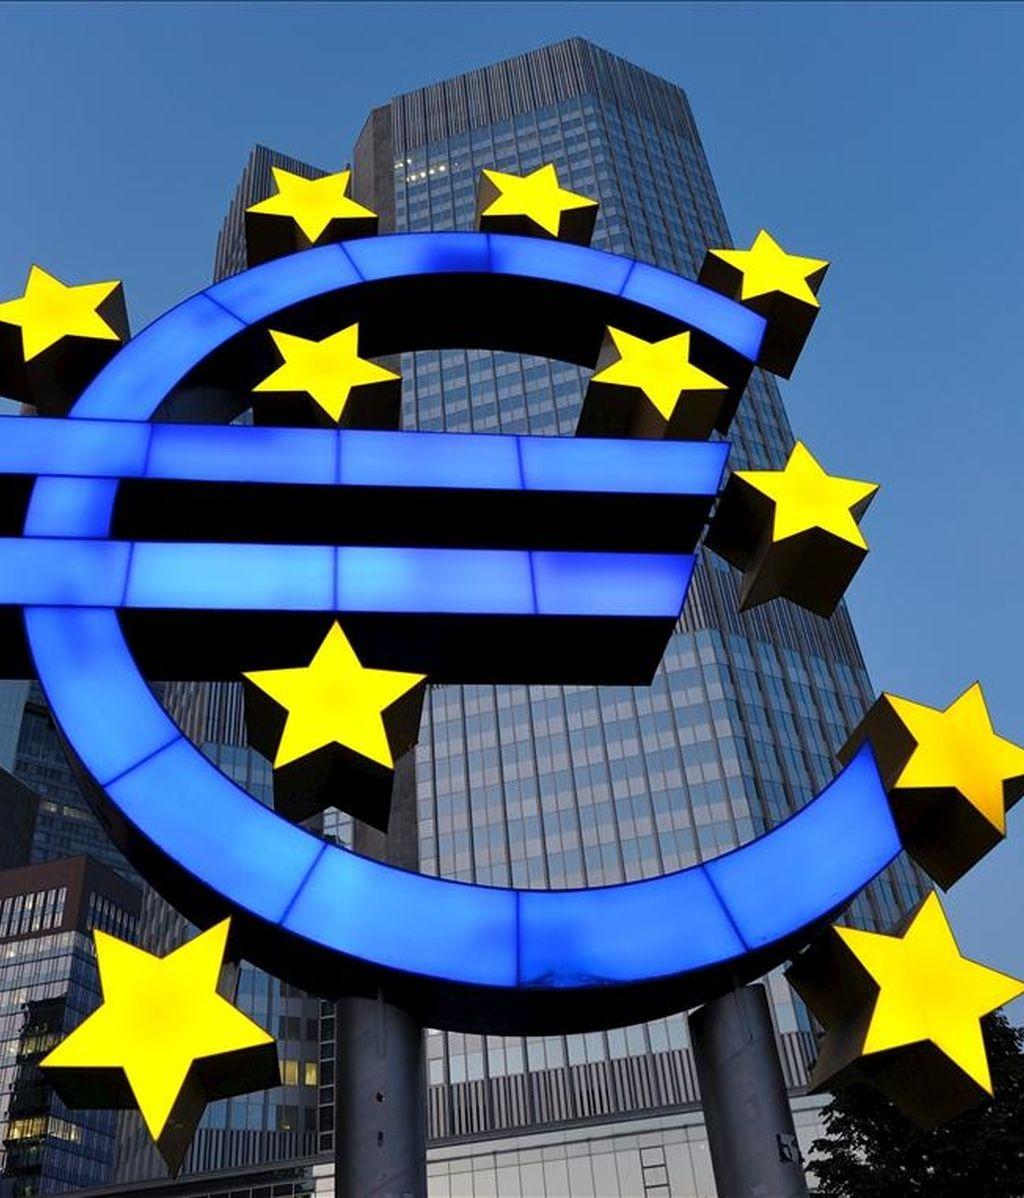 En la imagen, una escultura del símbolo del euro frente a la sede del Banco Central Europeo (BCE), en Fráncfort, Alemania. EFE/Archivo